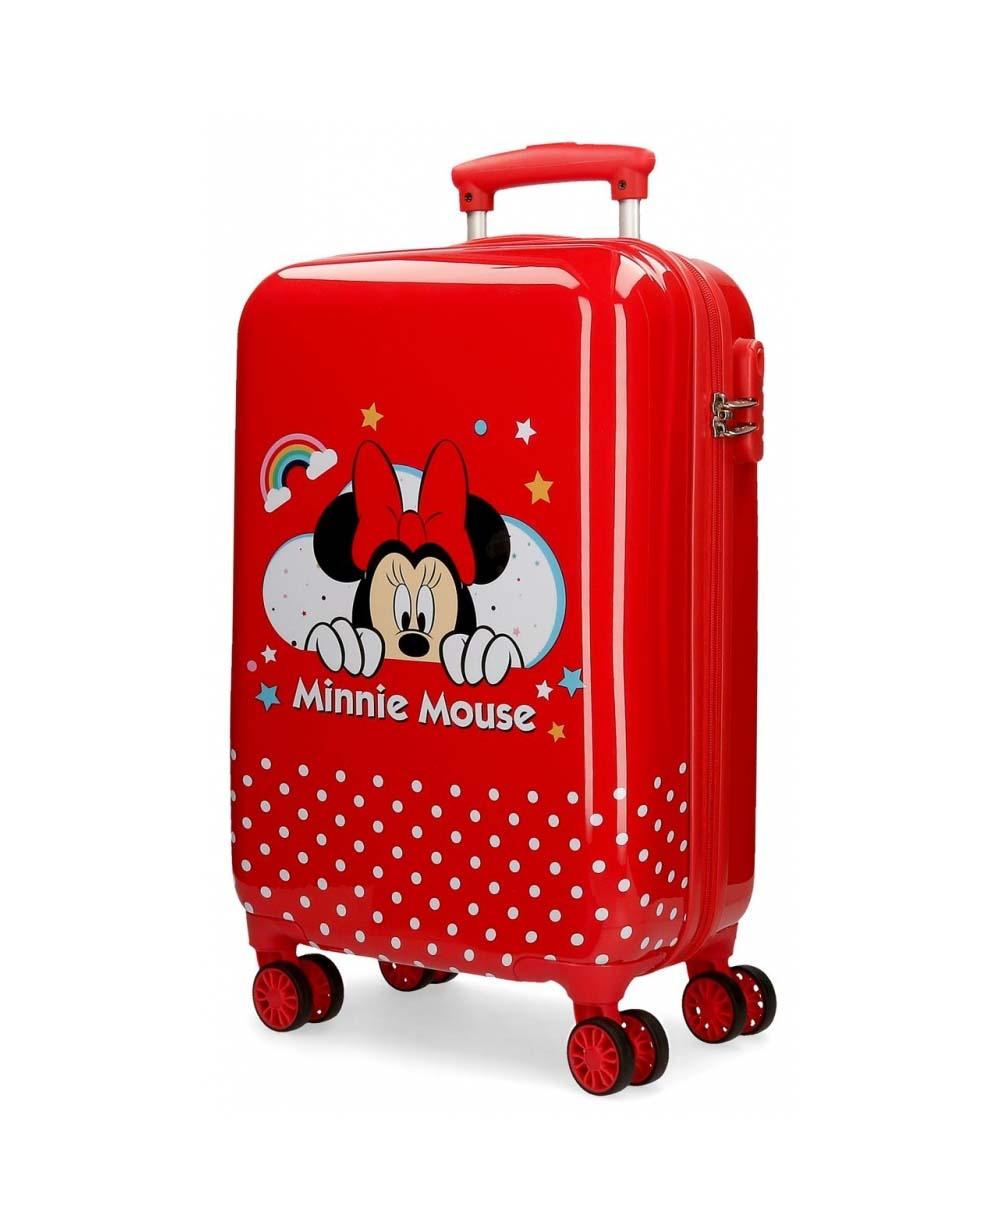 Maleta De Viaje Minnie Mouse Lunares Pequeños Roja